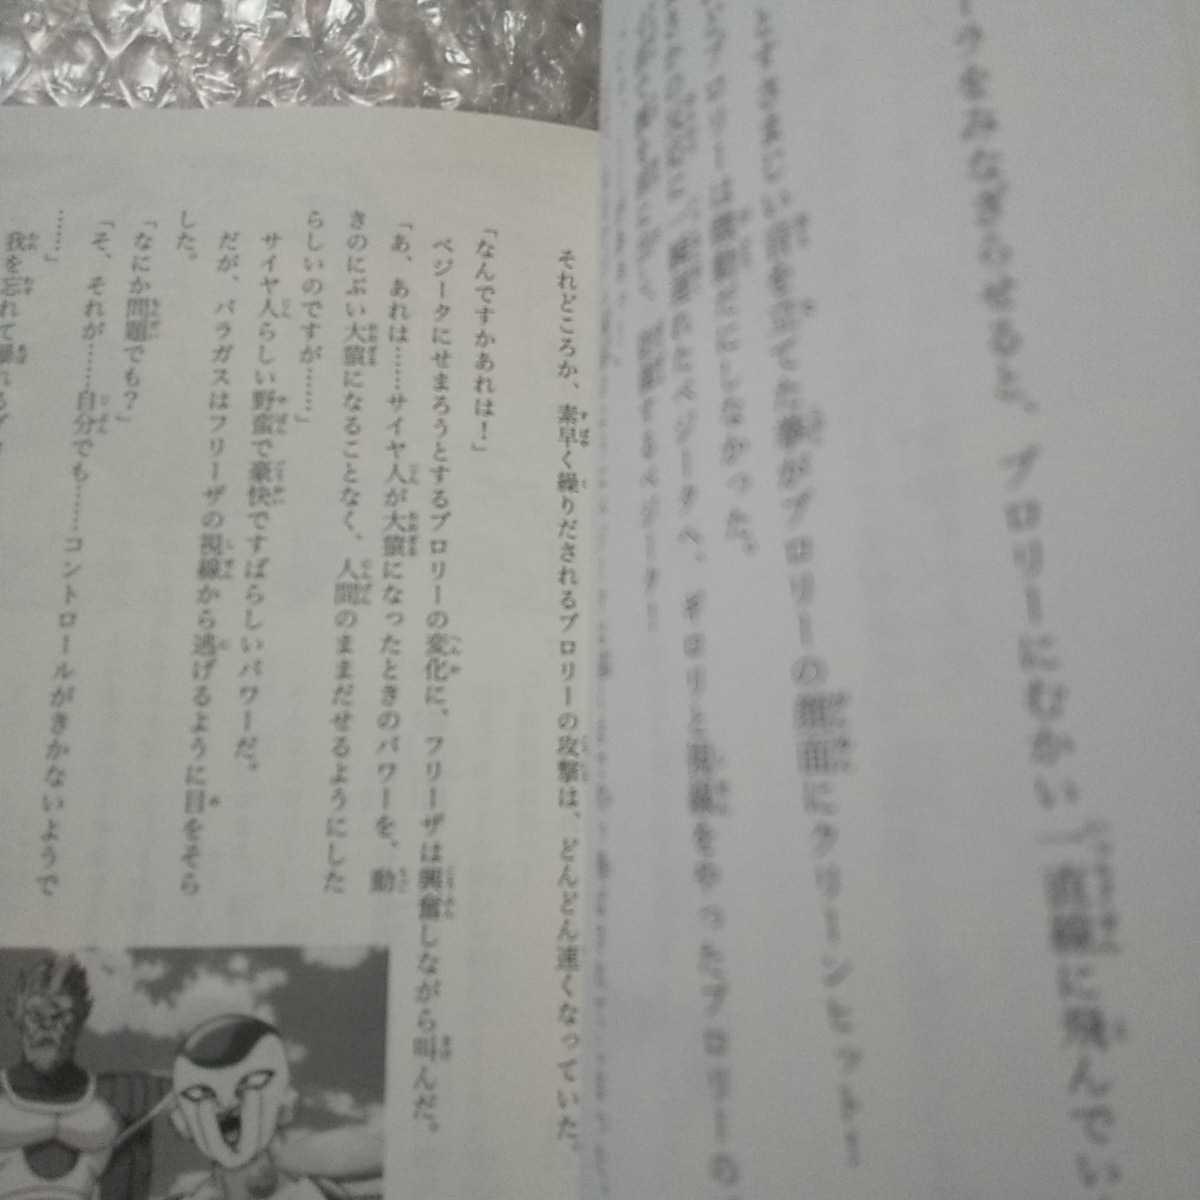 ☆ドラゴンボール超ブロリー ☆映画ノベライズ_画像3